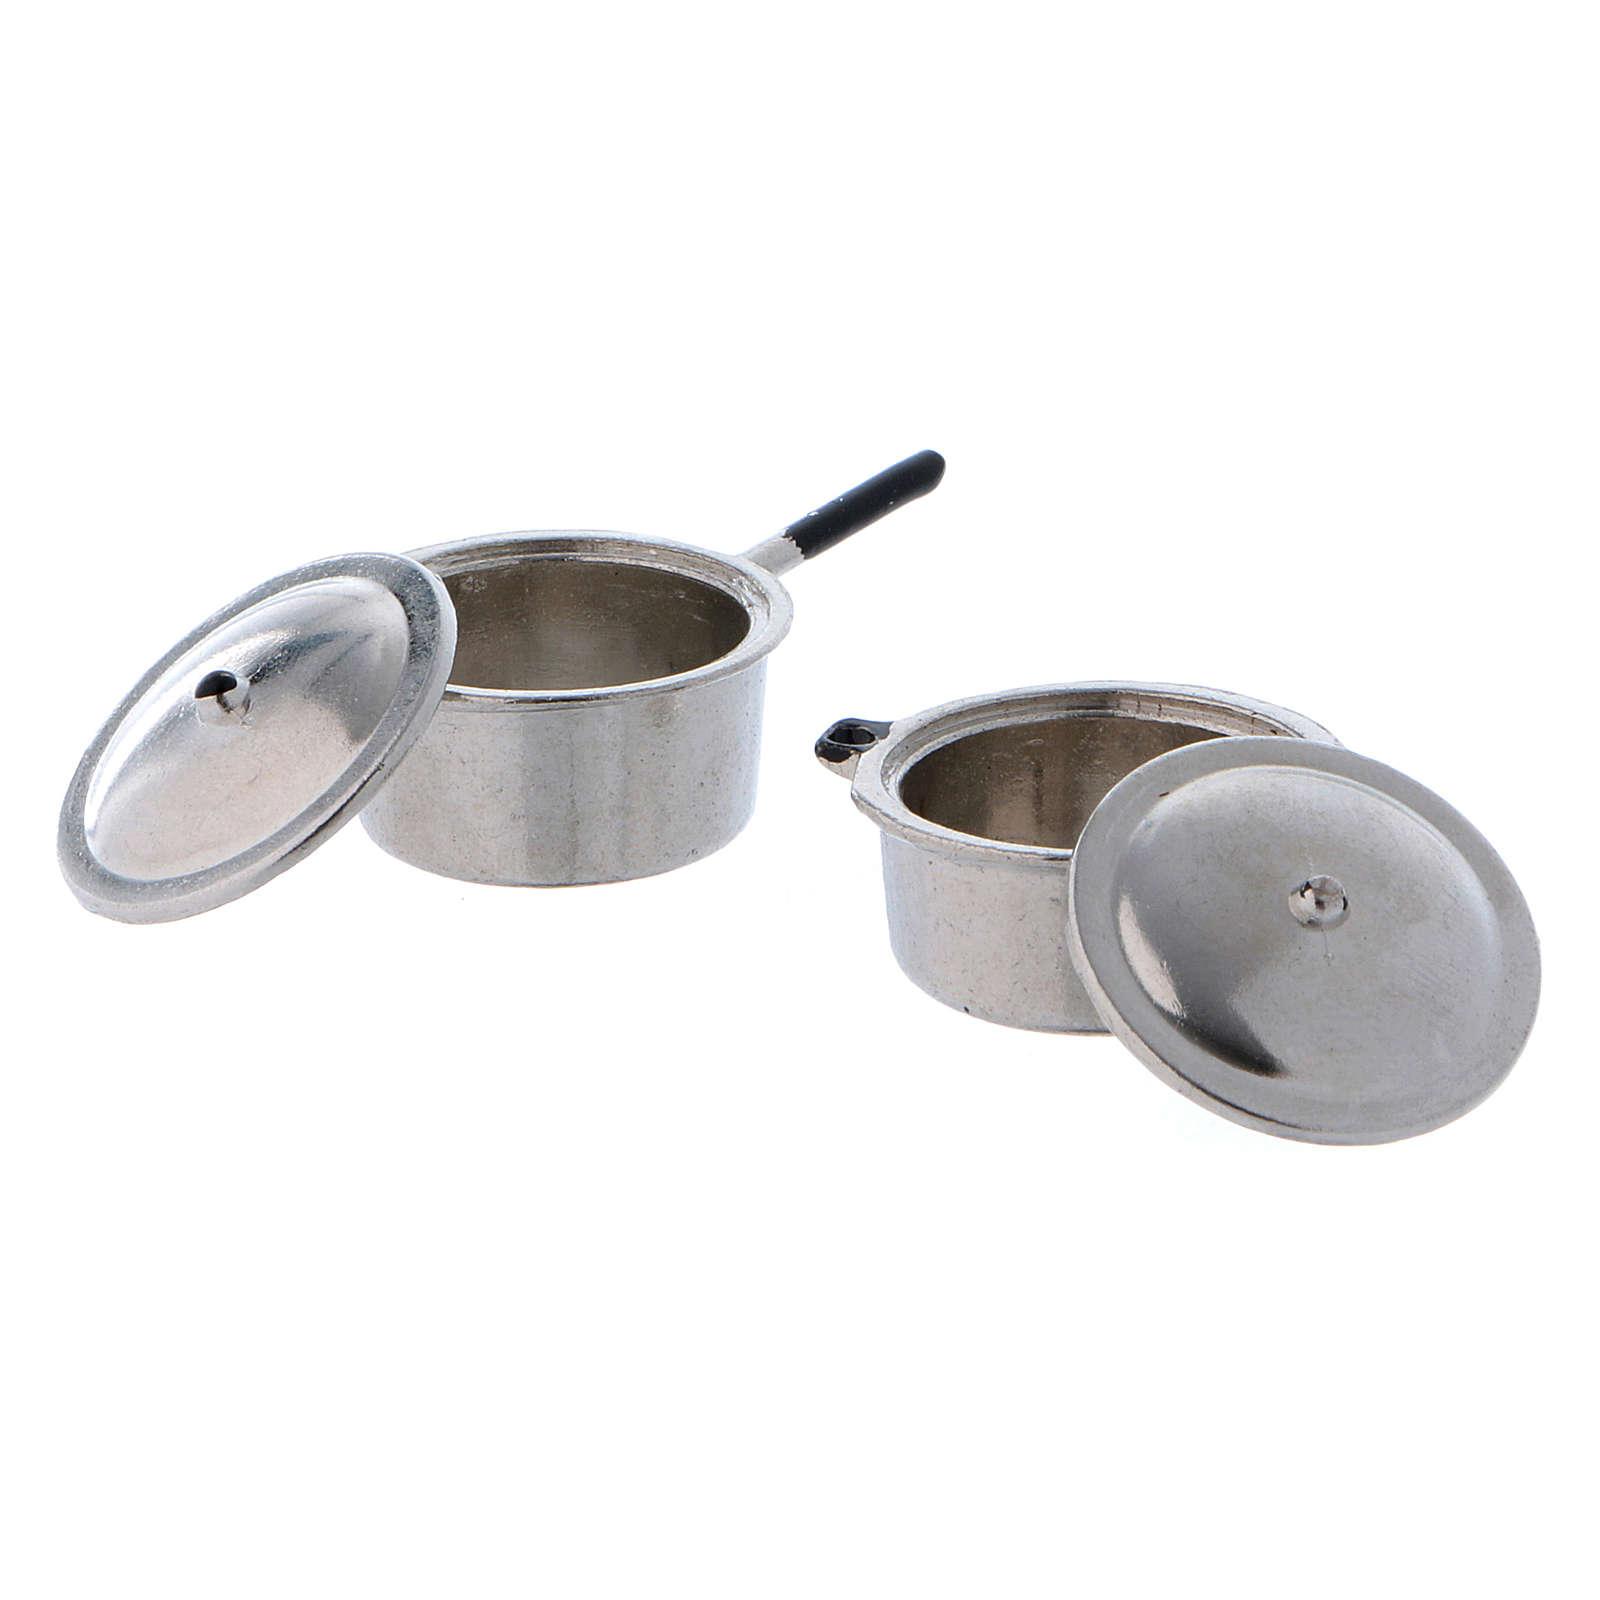 Pentole in acciaio con coperchio e diametro di 2 cm 4